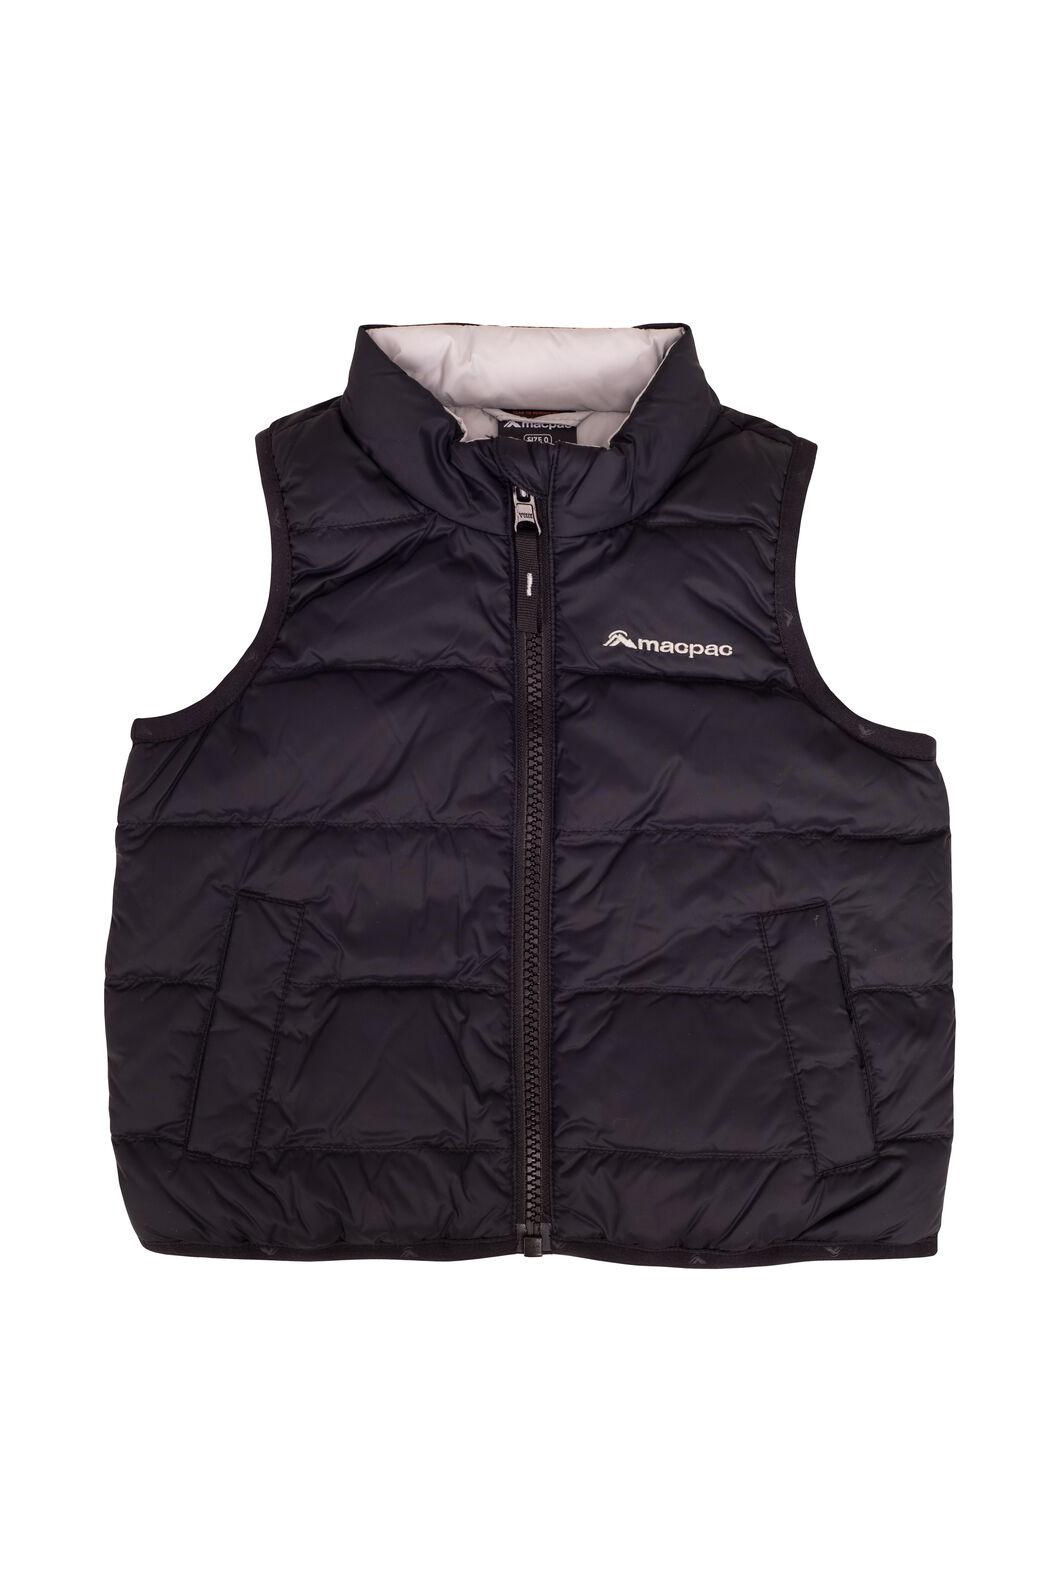 Macpac Baby Atom Down Vest, Black, hi-res